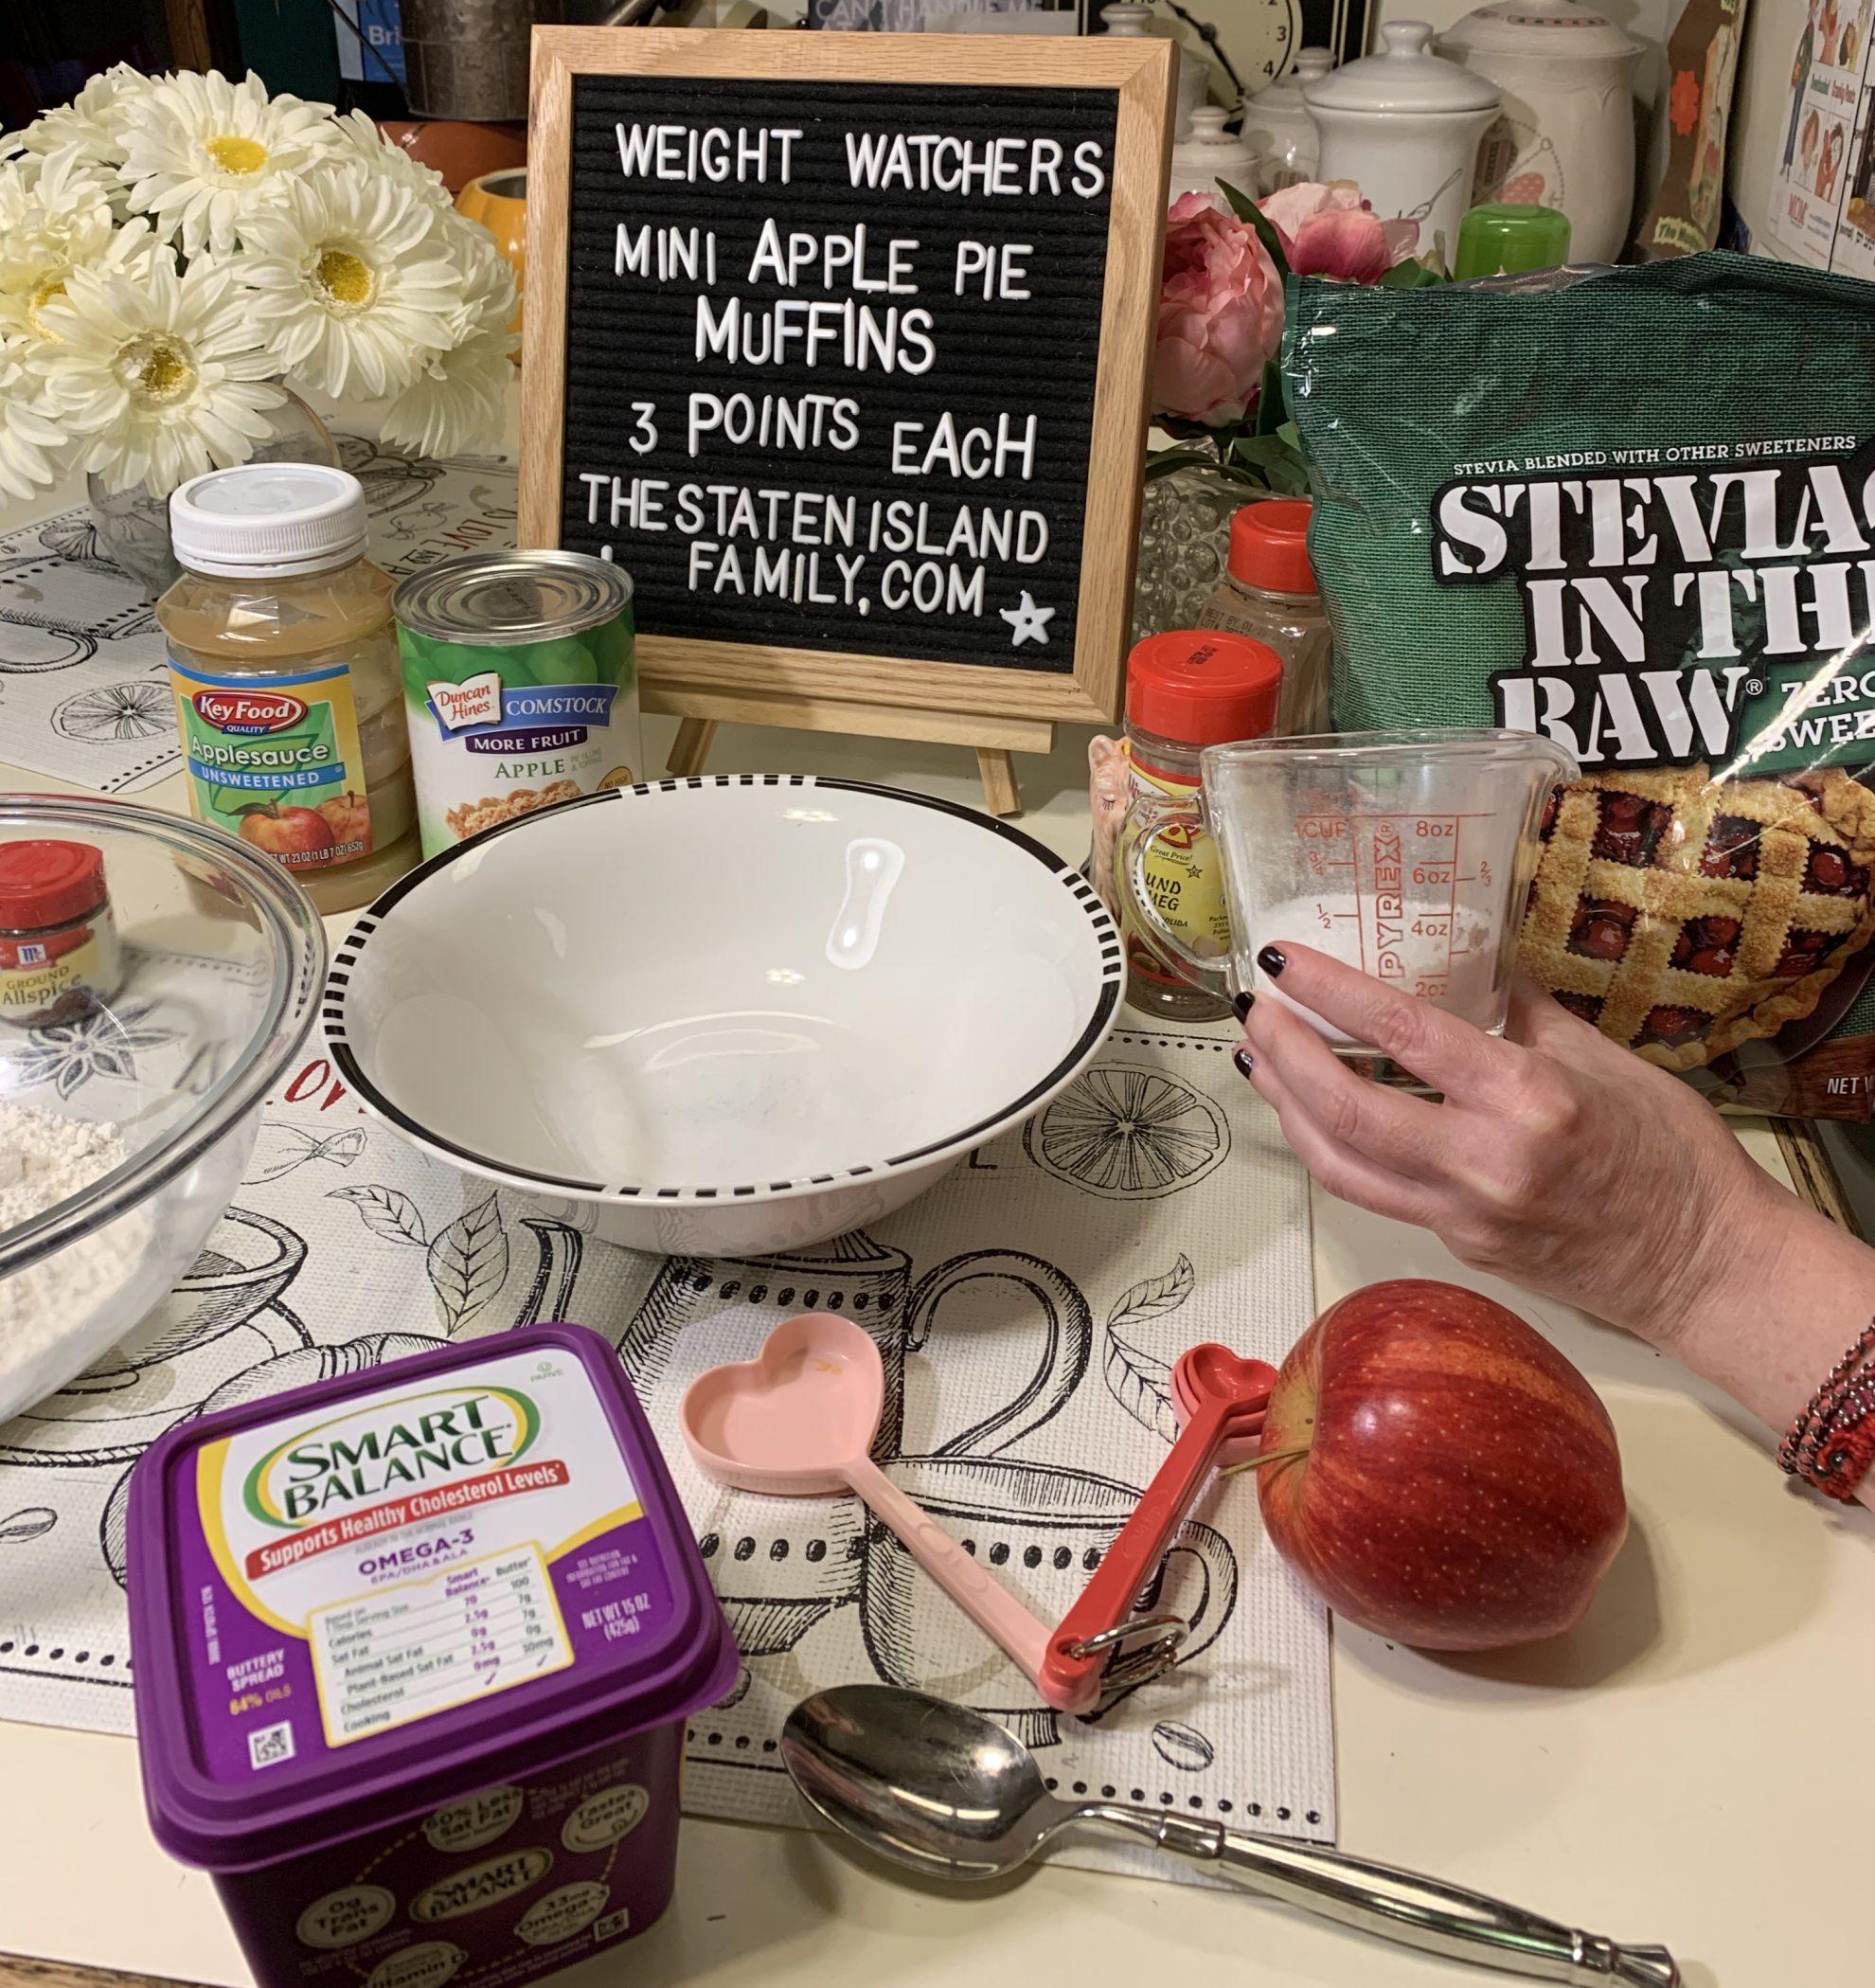 Weight watchers mini apple pie muffins